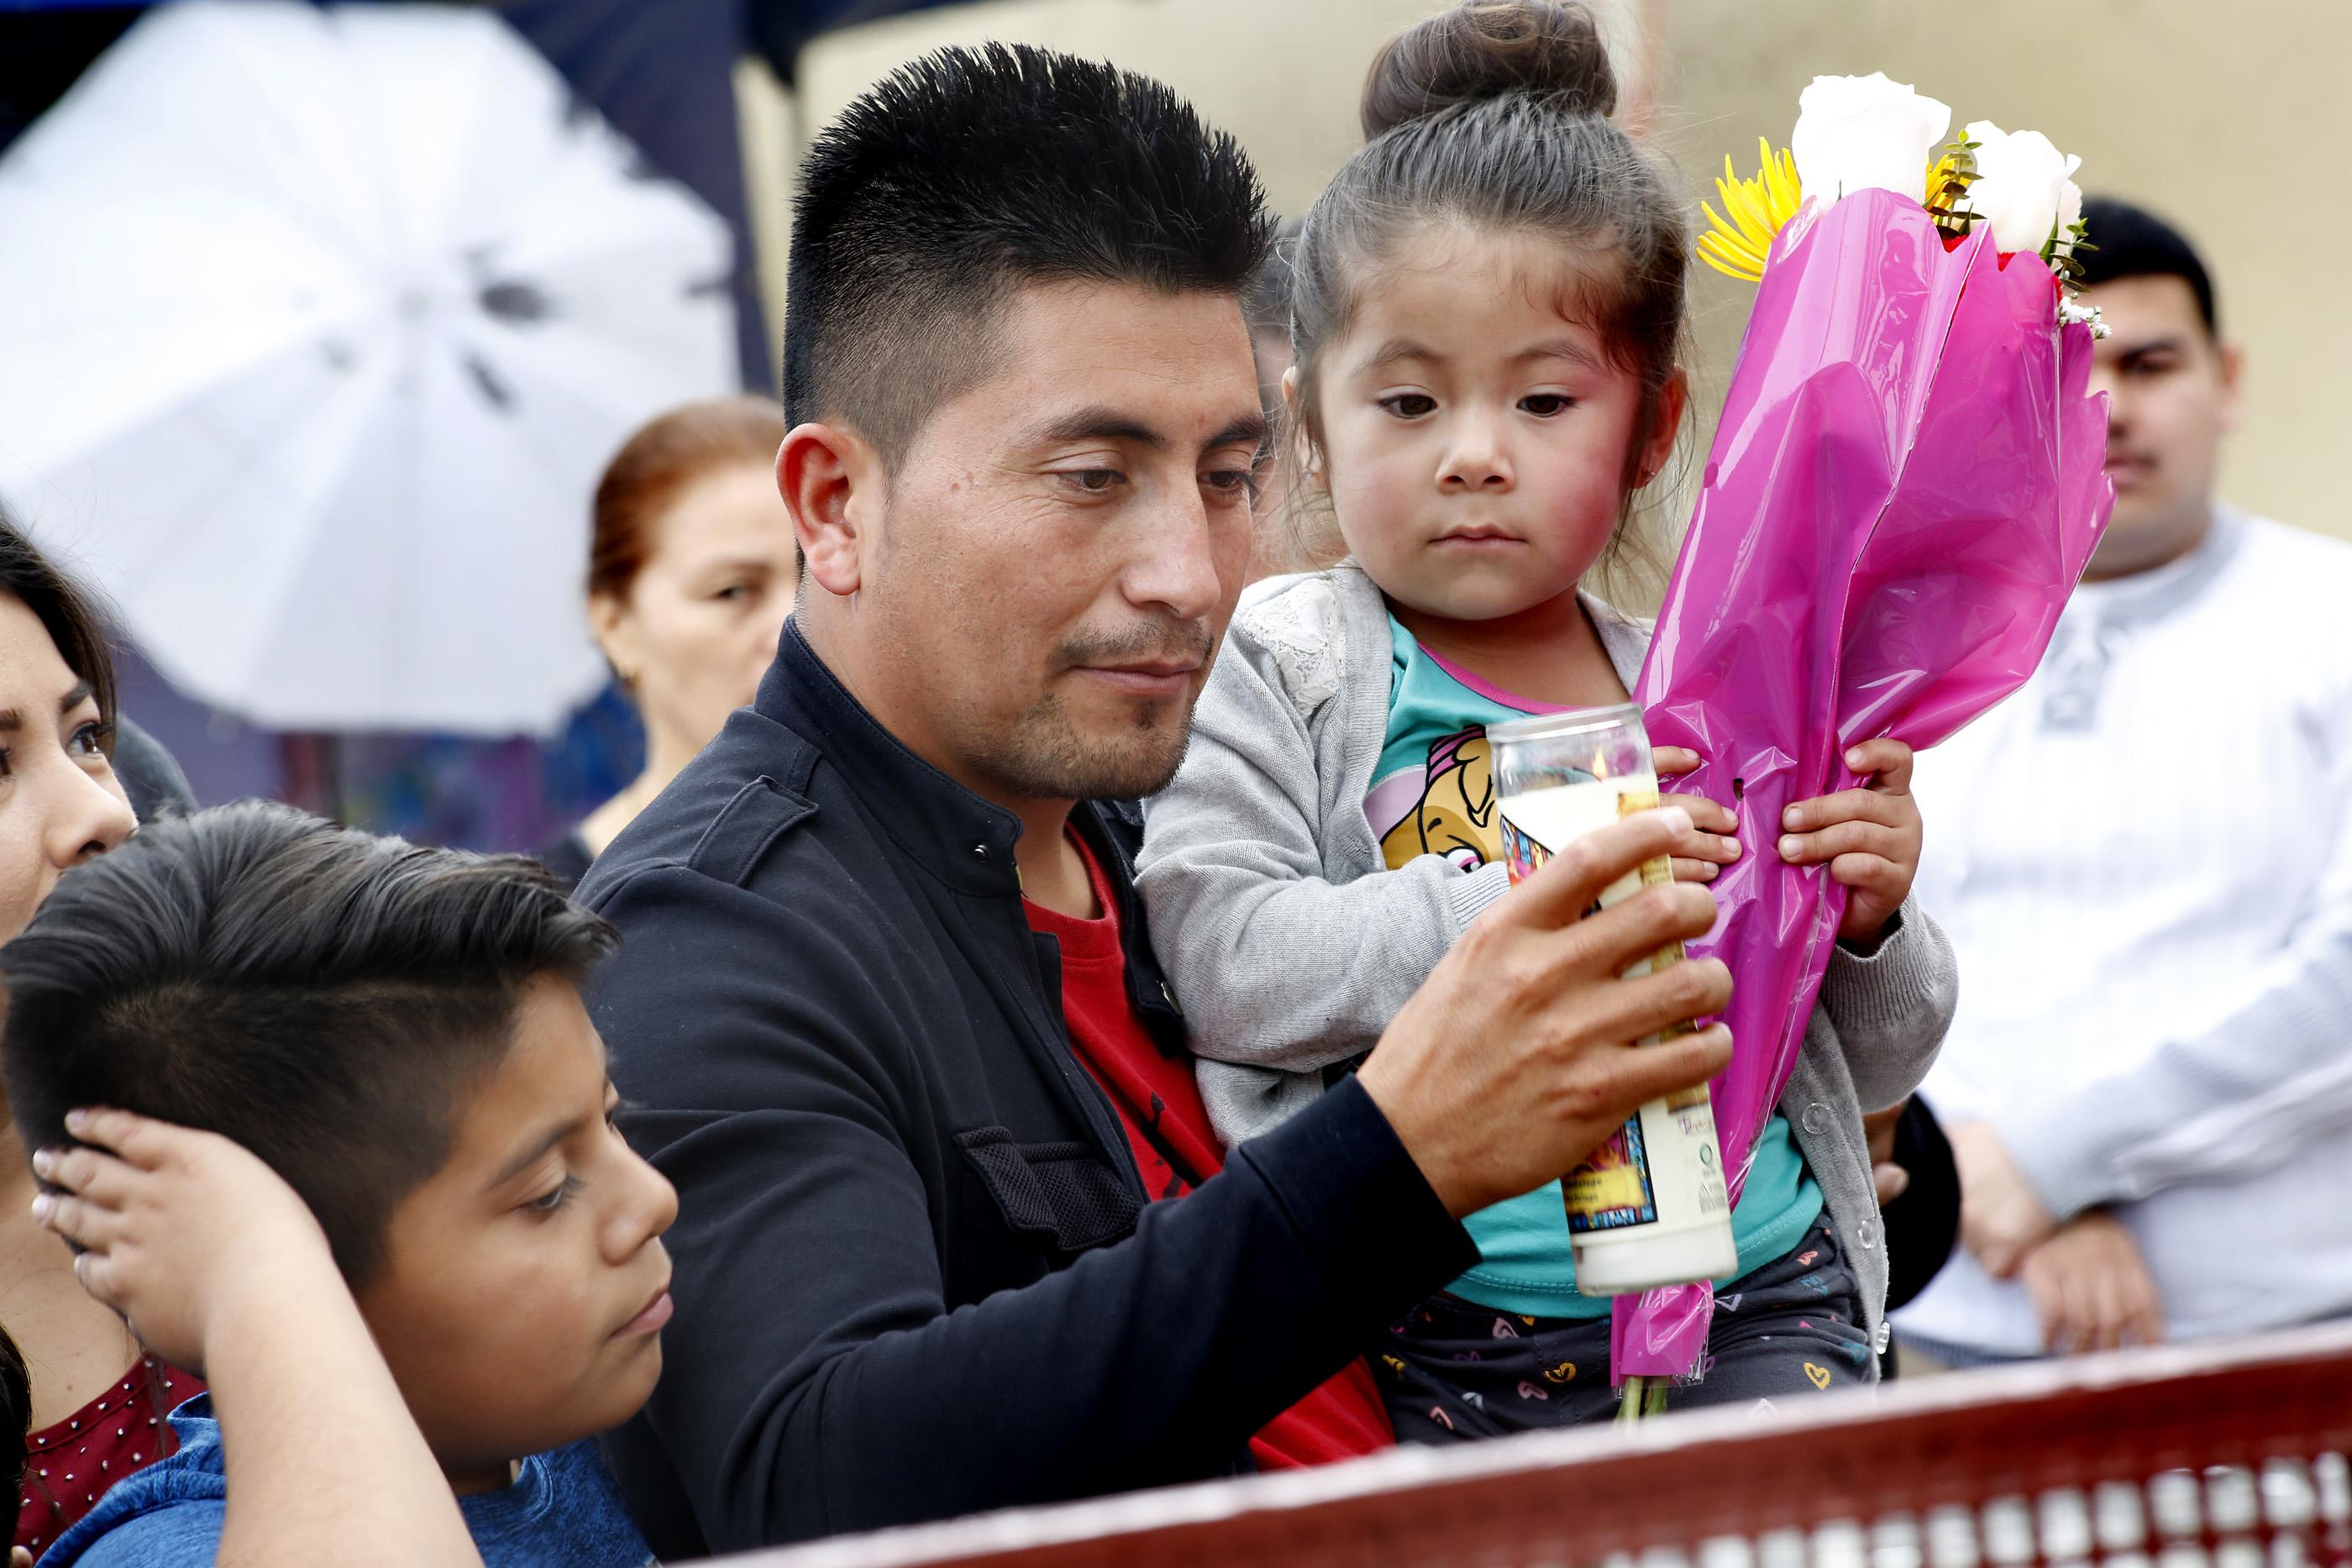 Pedro Villanueva, acompañado de su esposa Angélica y sus hijos, le pide a la Virgen para poder continuar juntos (Foto: Aurelia Ventura/La Opinión)